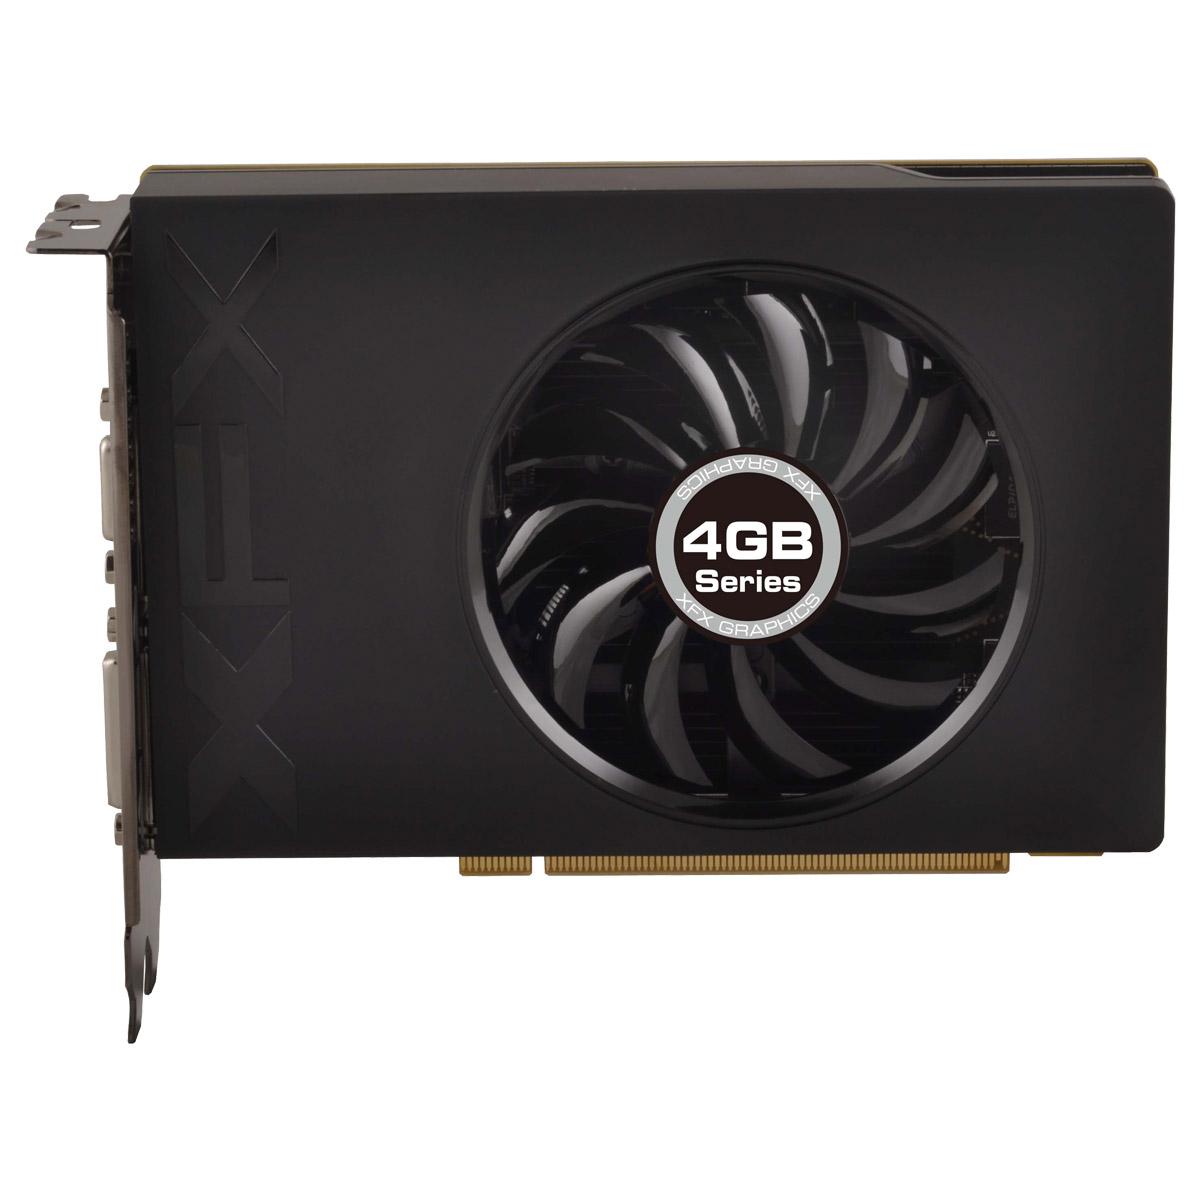 کارت گرافیک ایکس اف ایکس مدل XFX AMD Radeon R7 240 4GB |